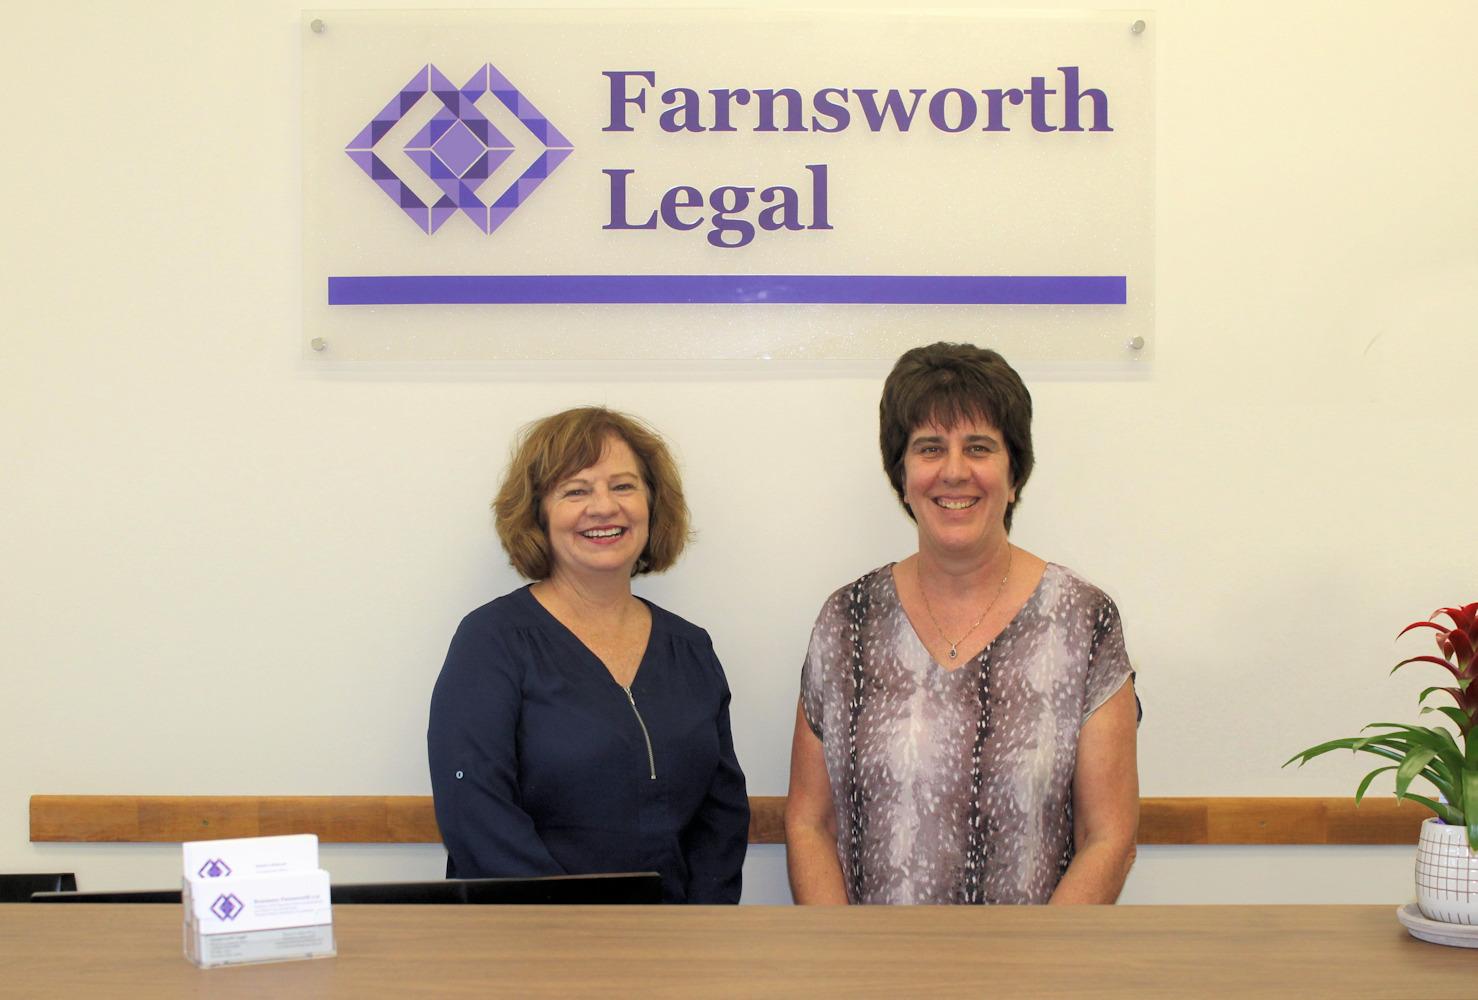 Farnsworth Legal Team